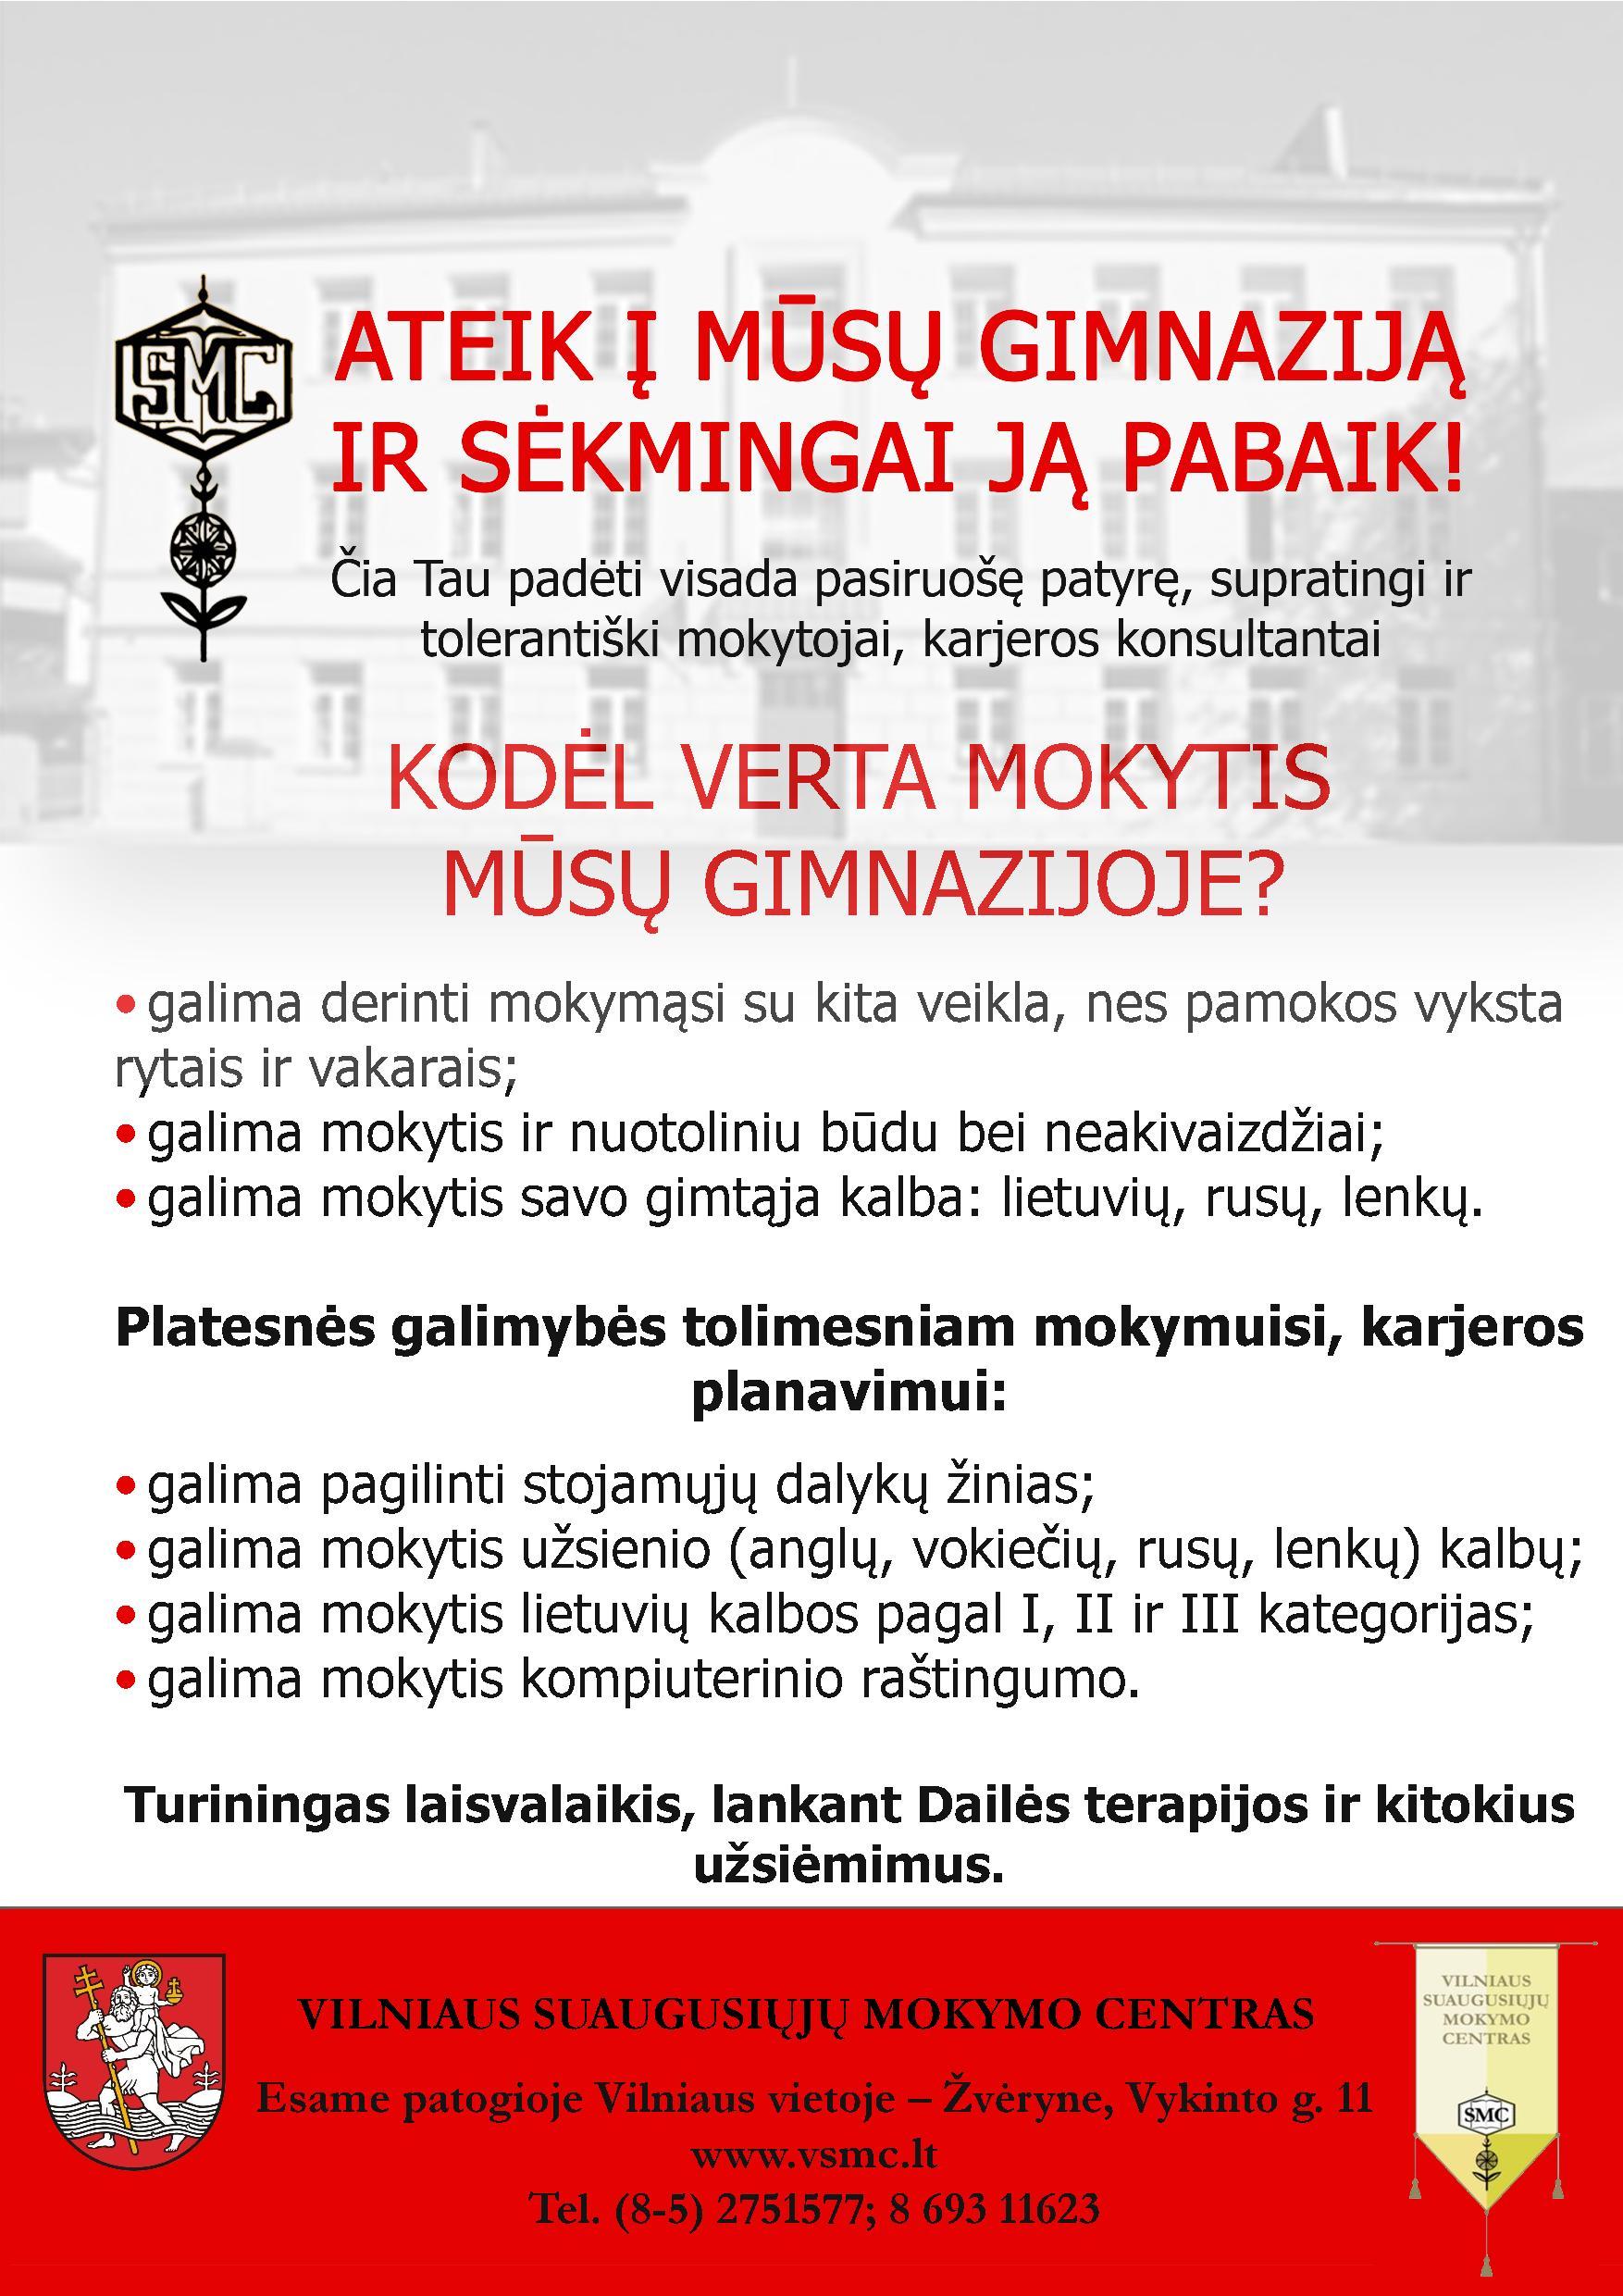 plakatas3-page-001